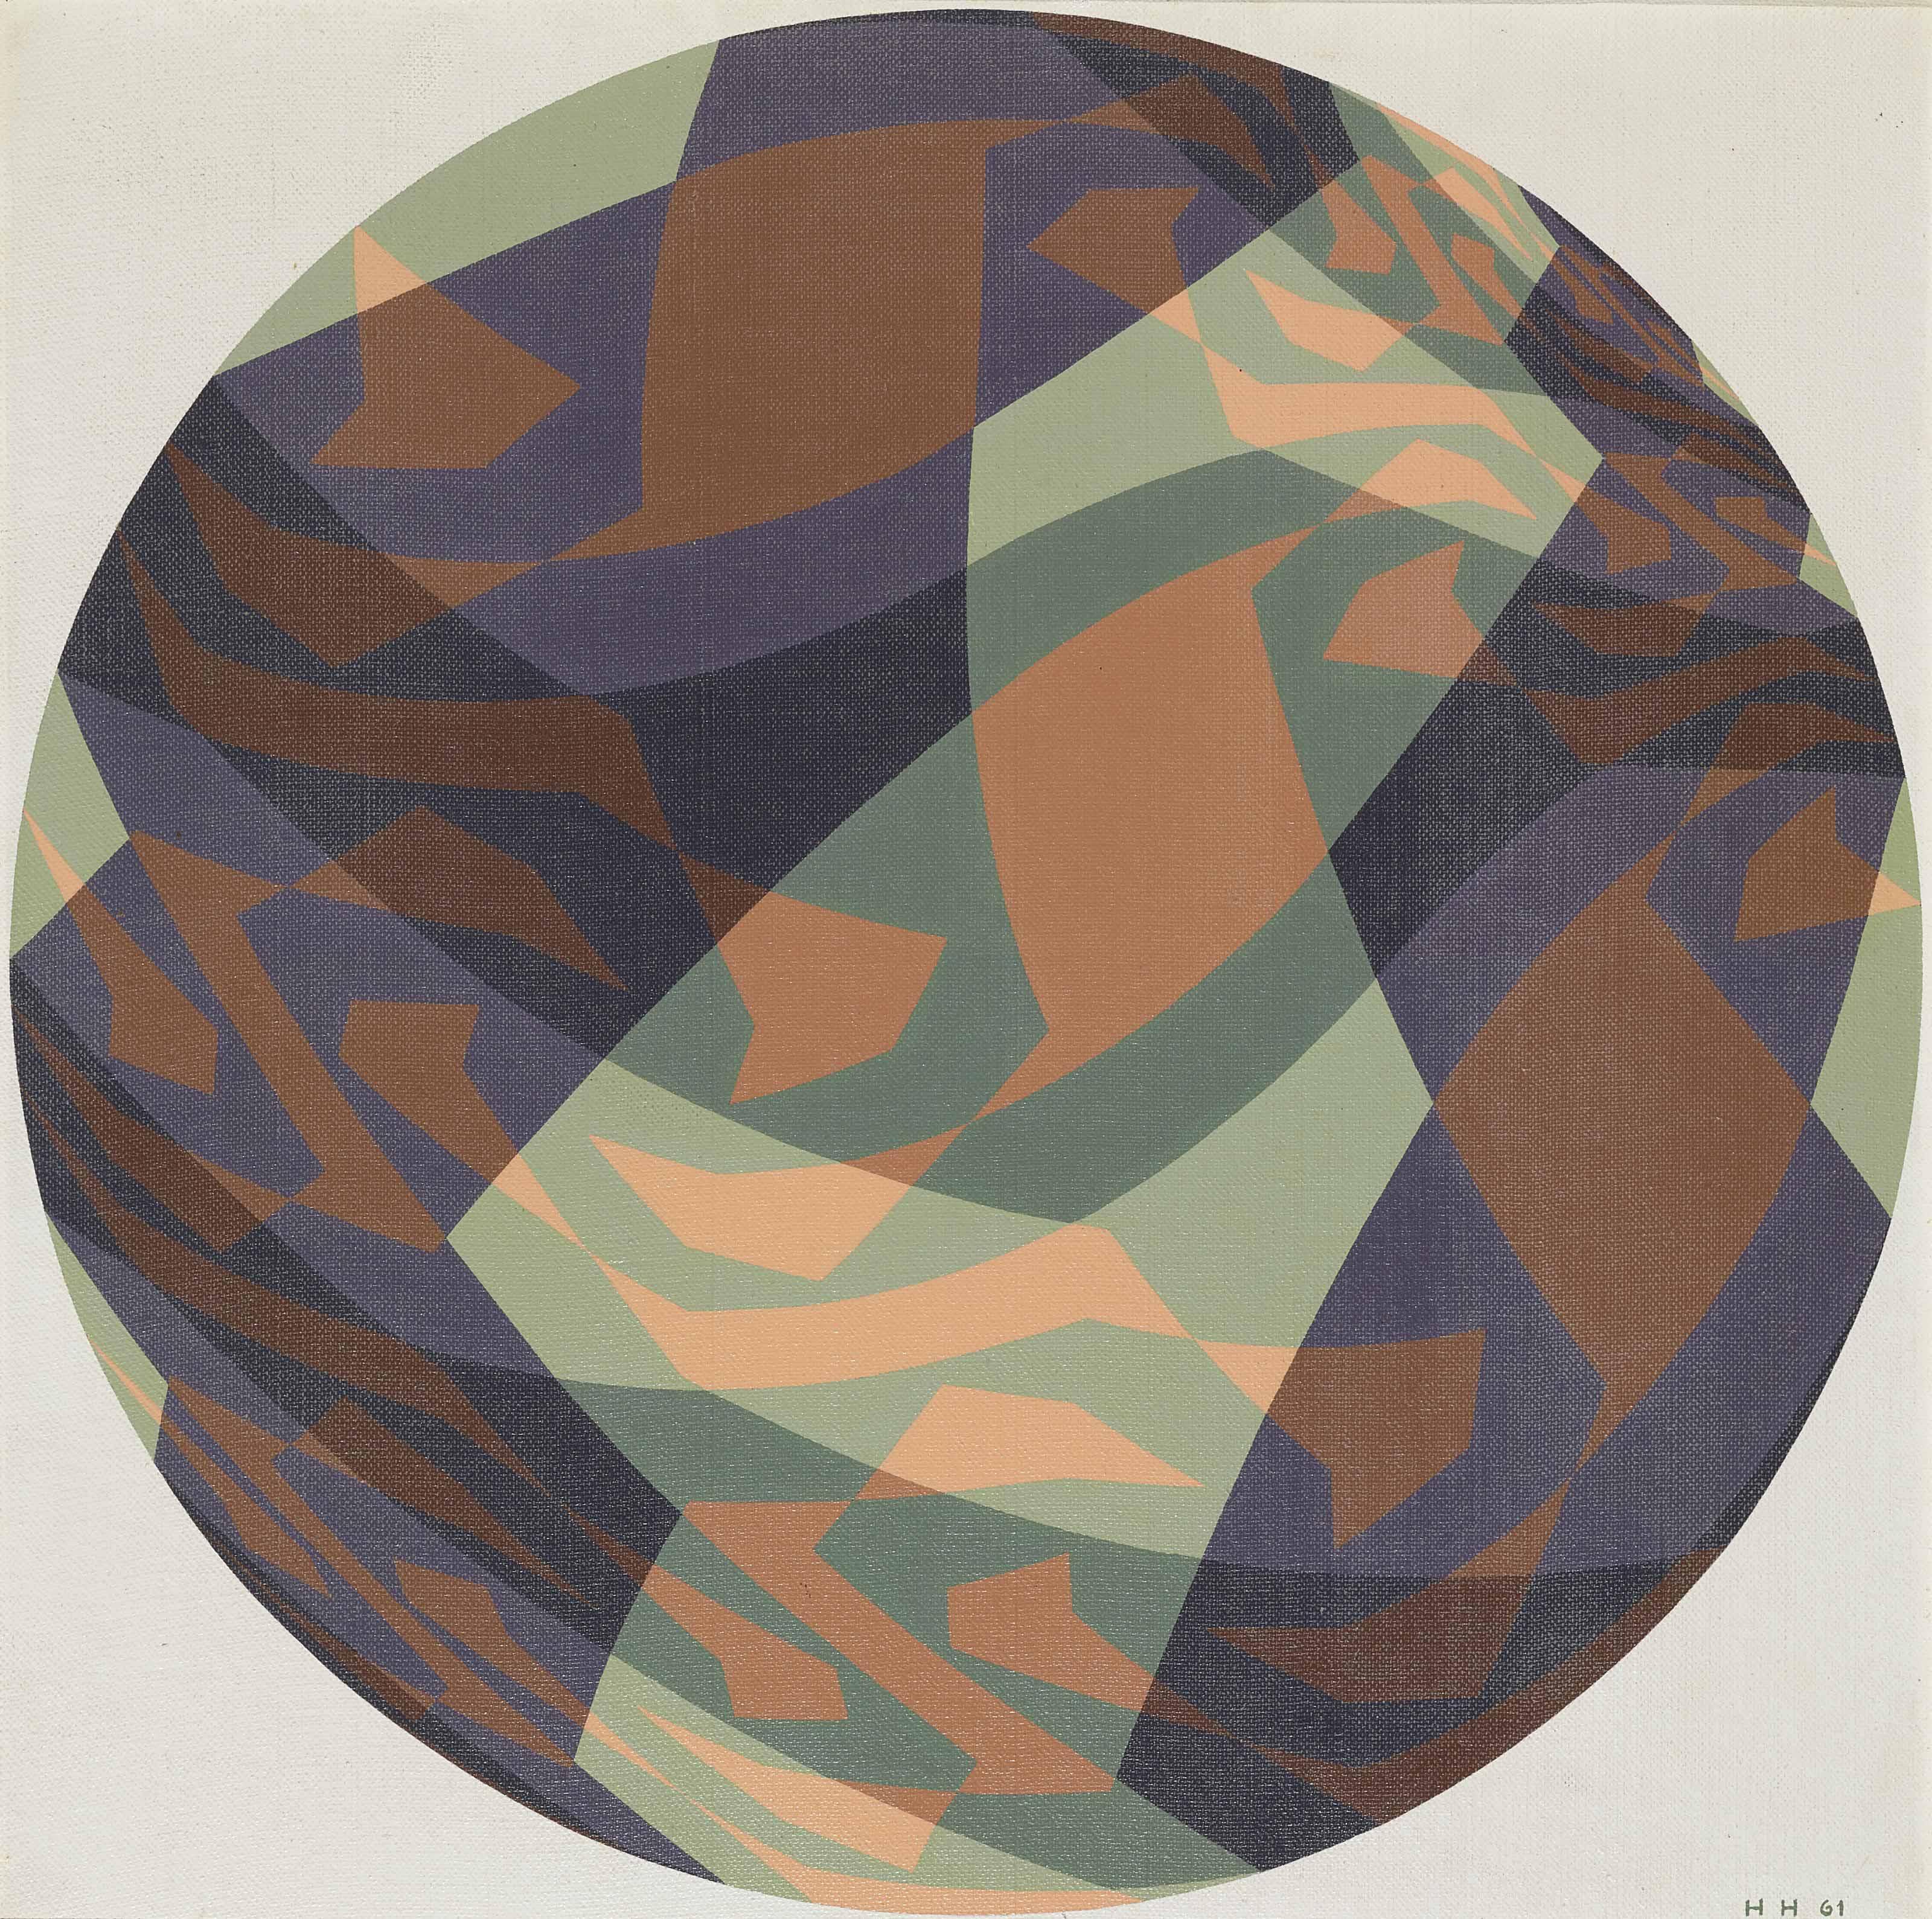 Opus 134, 1961